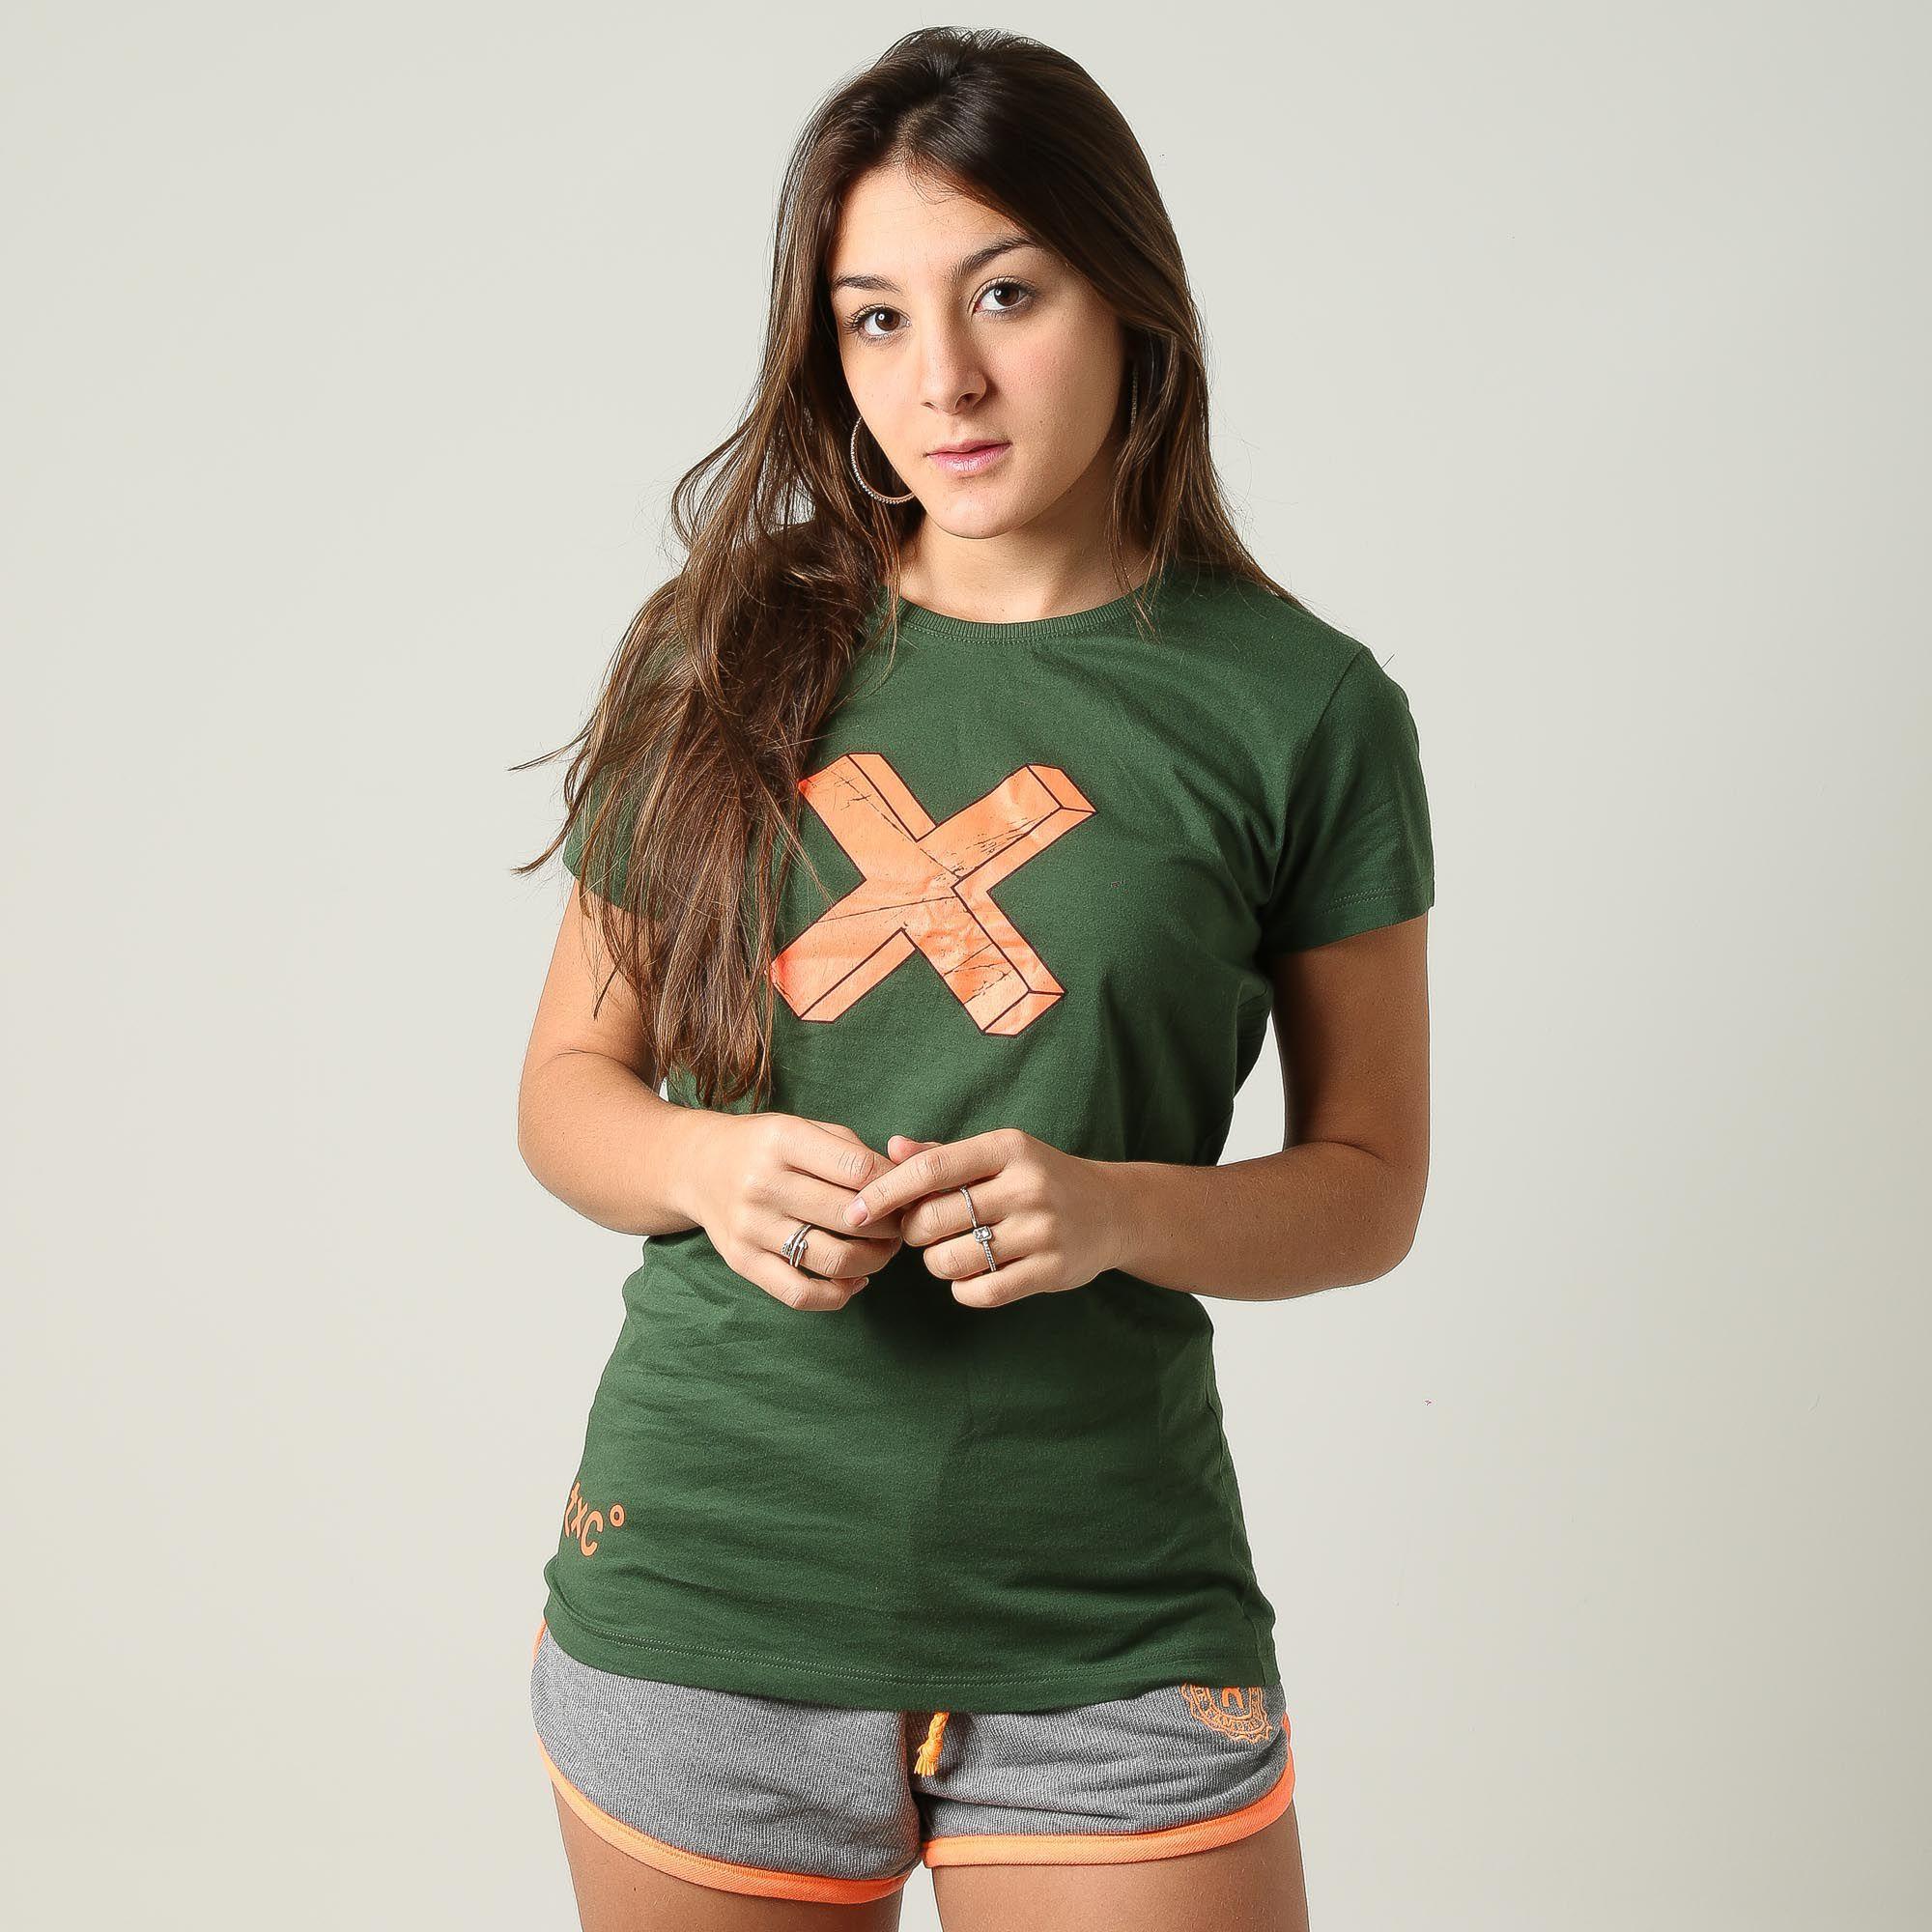 Camiseta Feminina TXC 4462